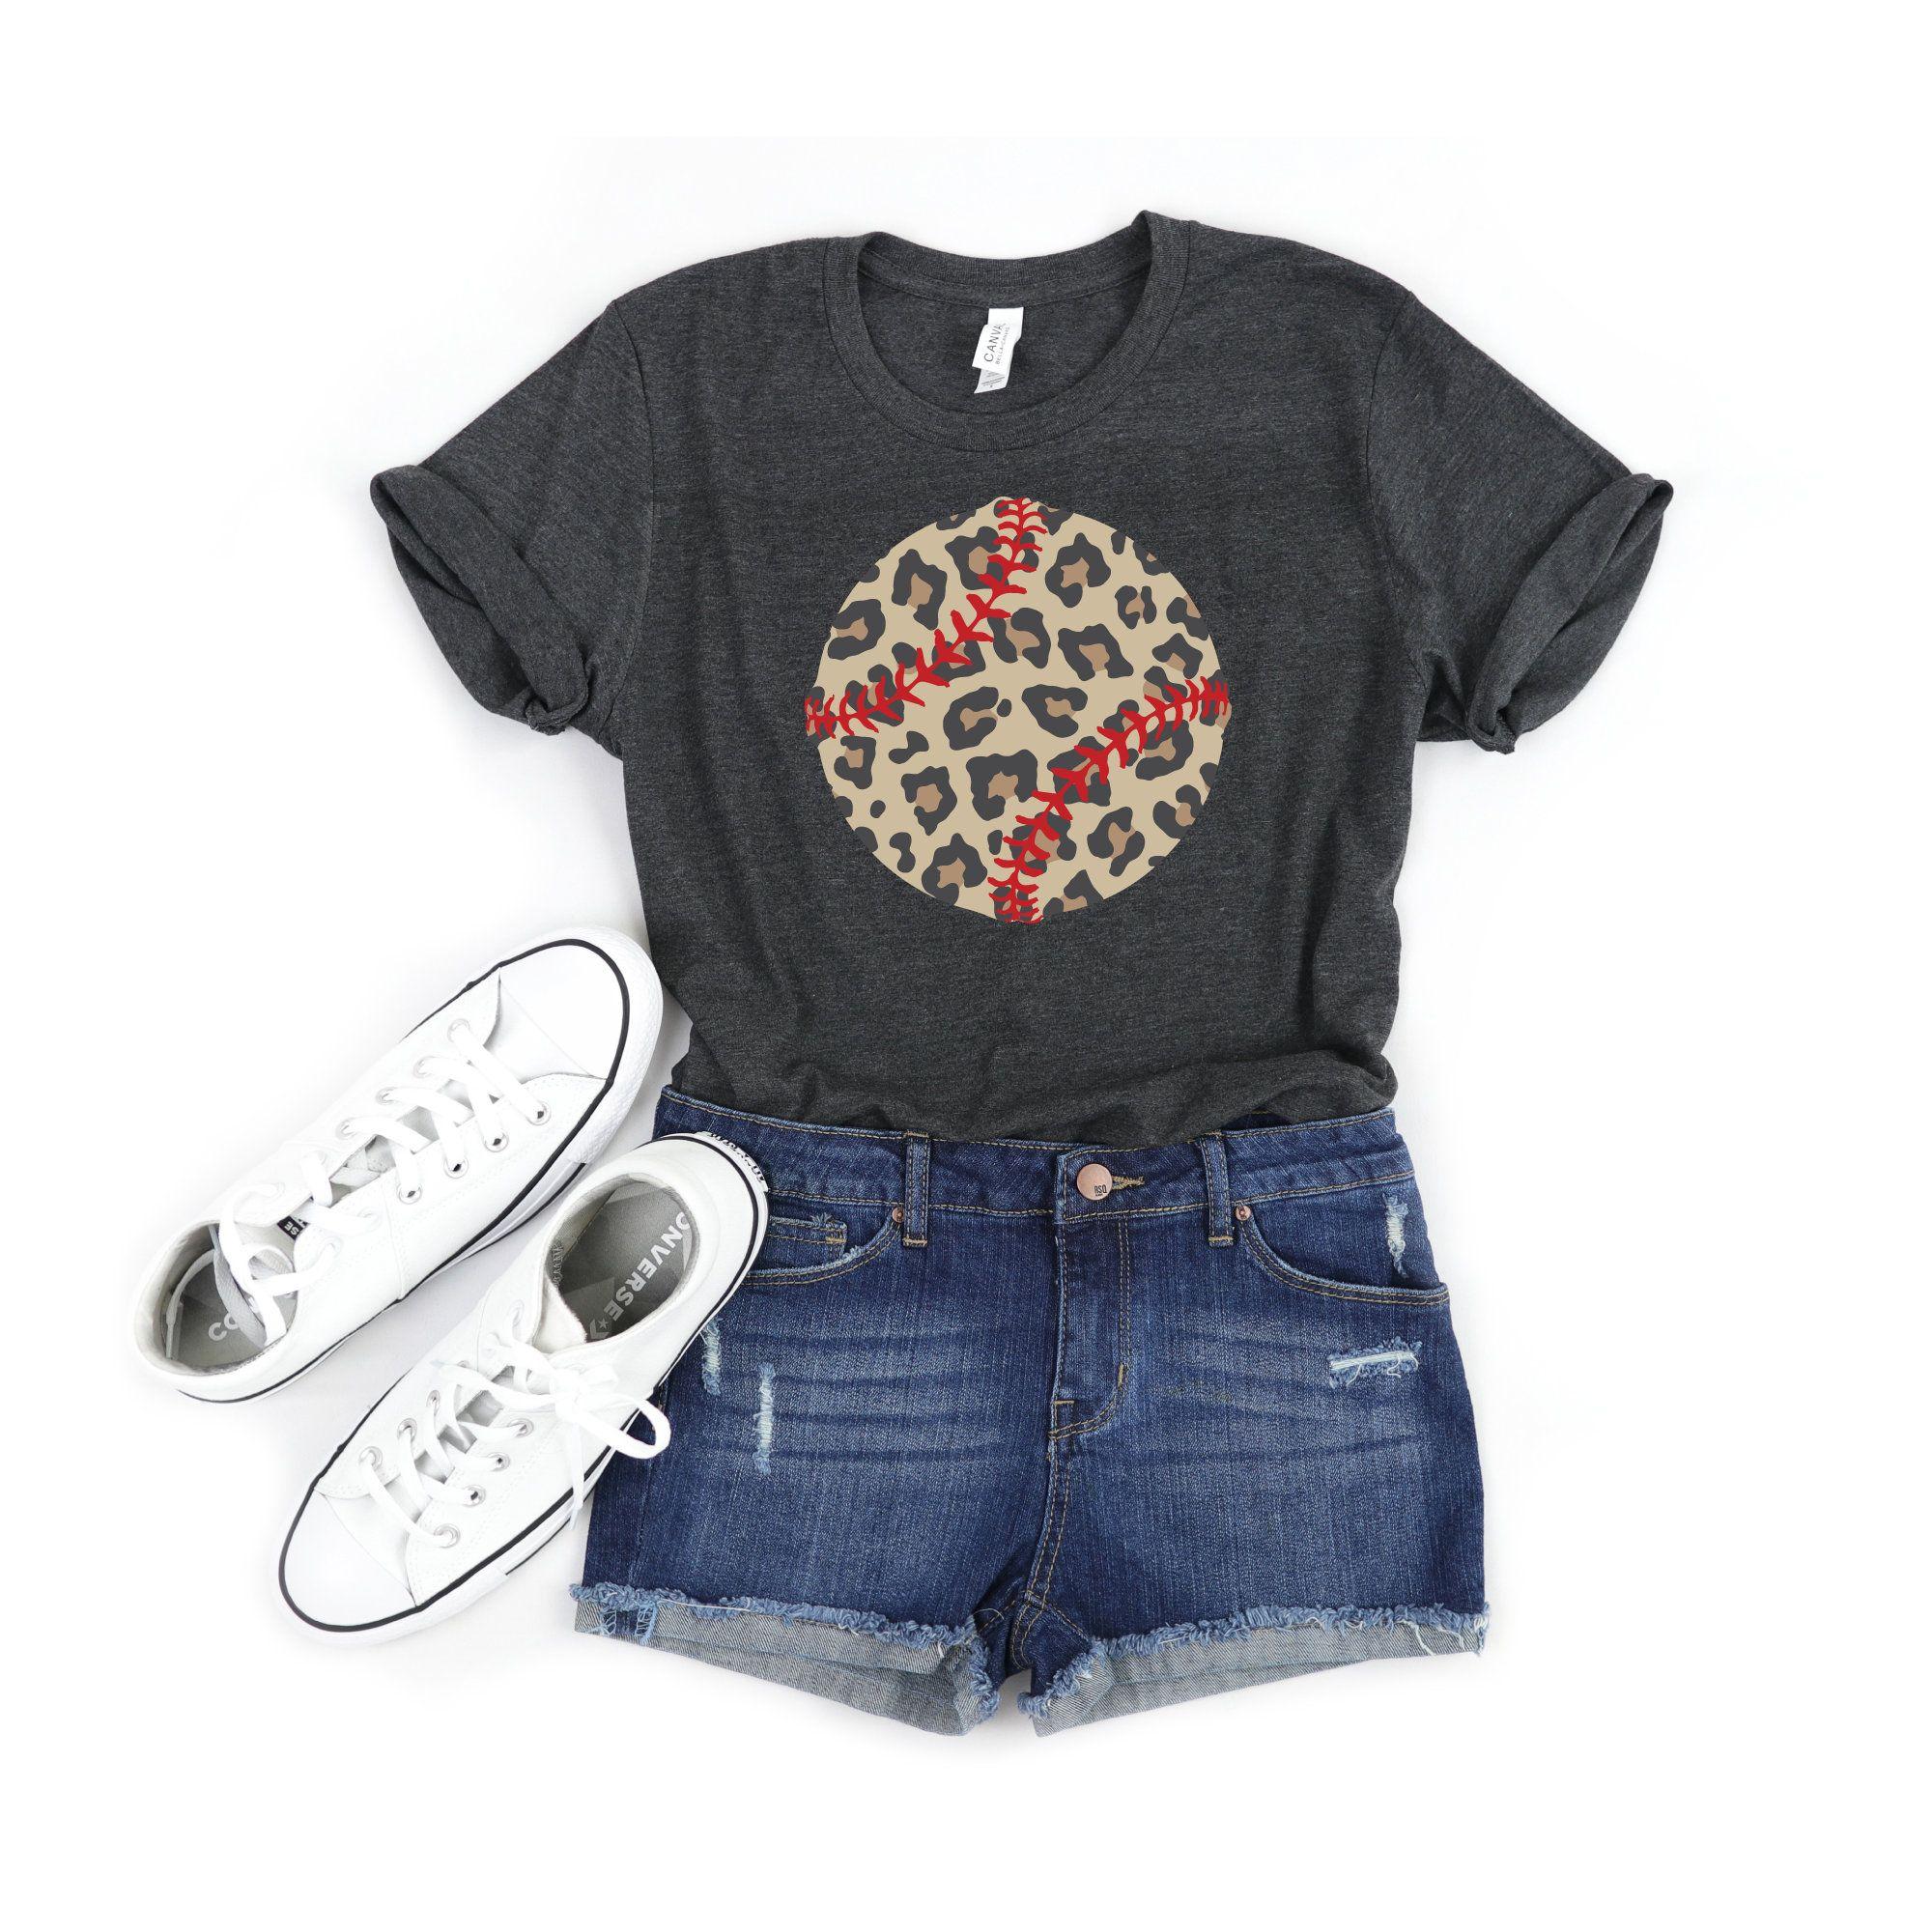 Softball Softball Mom Softball Shirt Leopard Print Mom Shirt Sports Mom